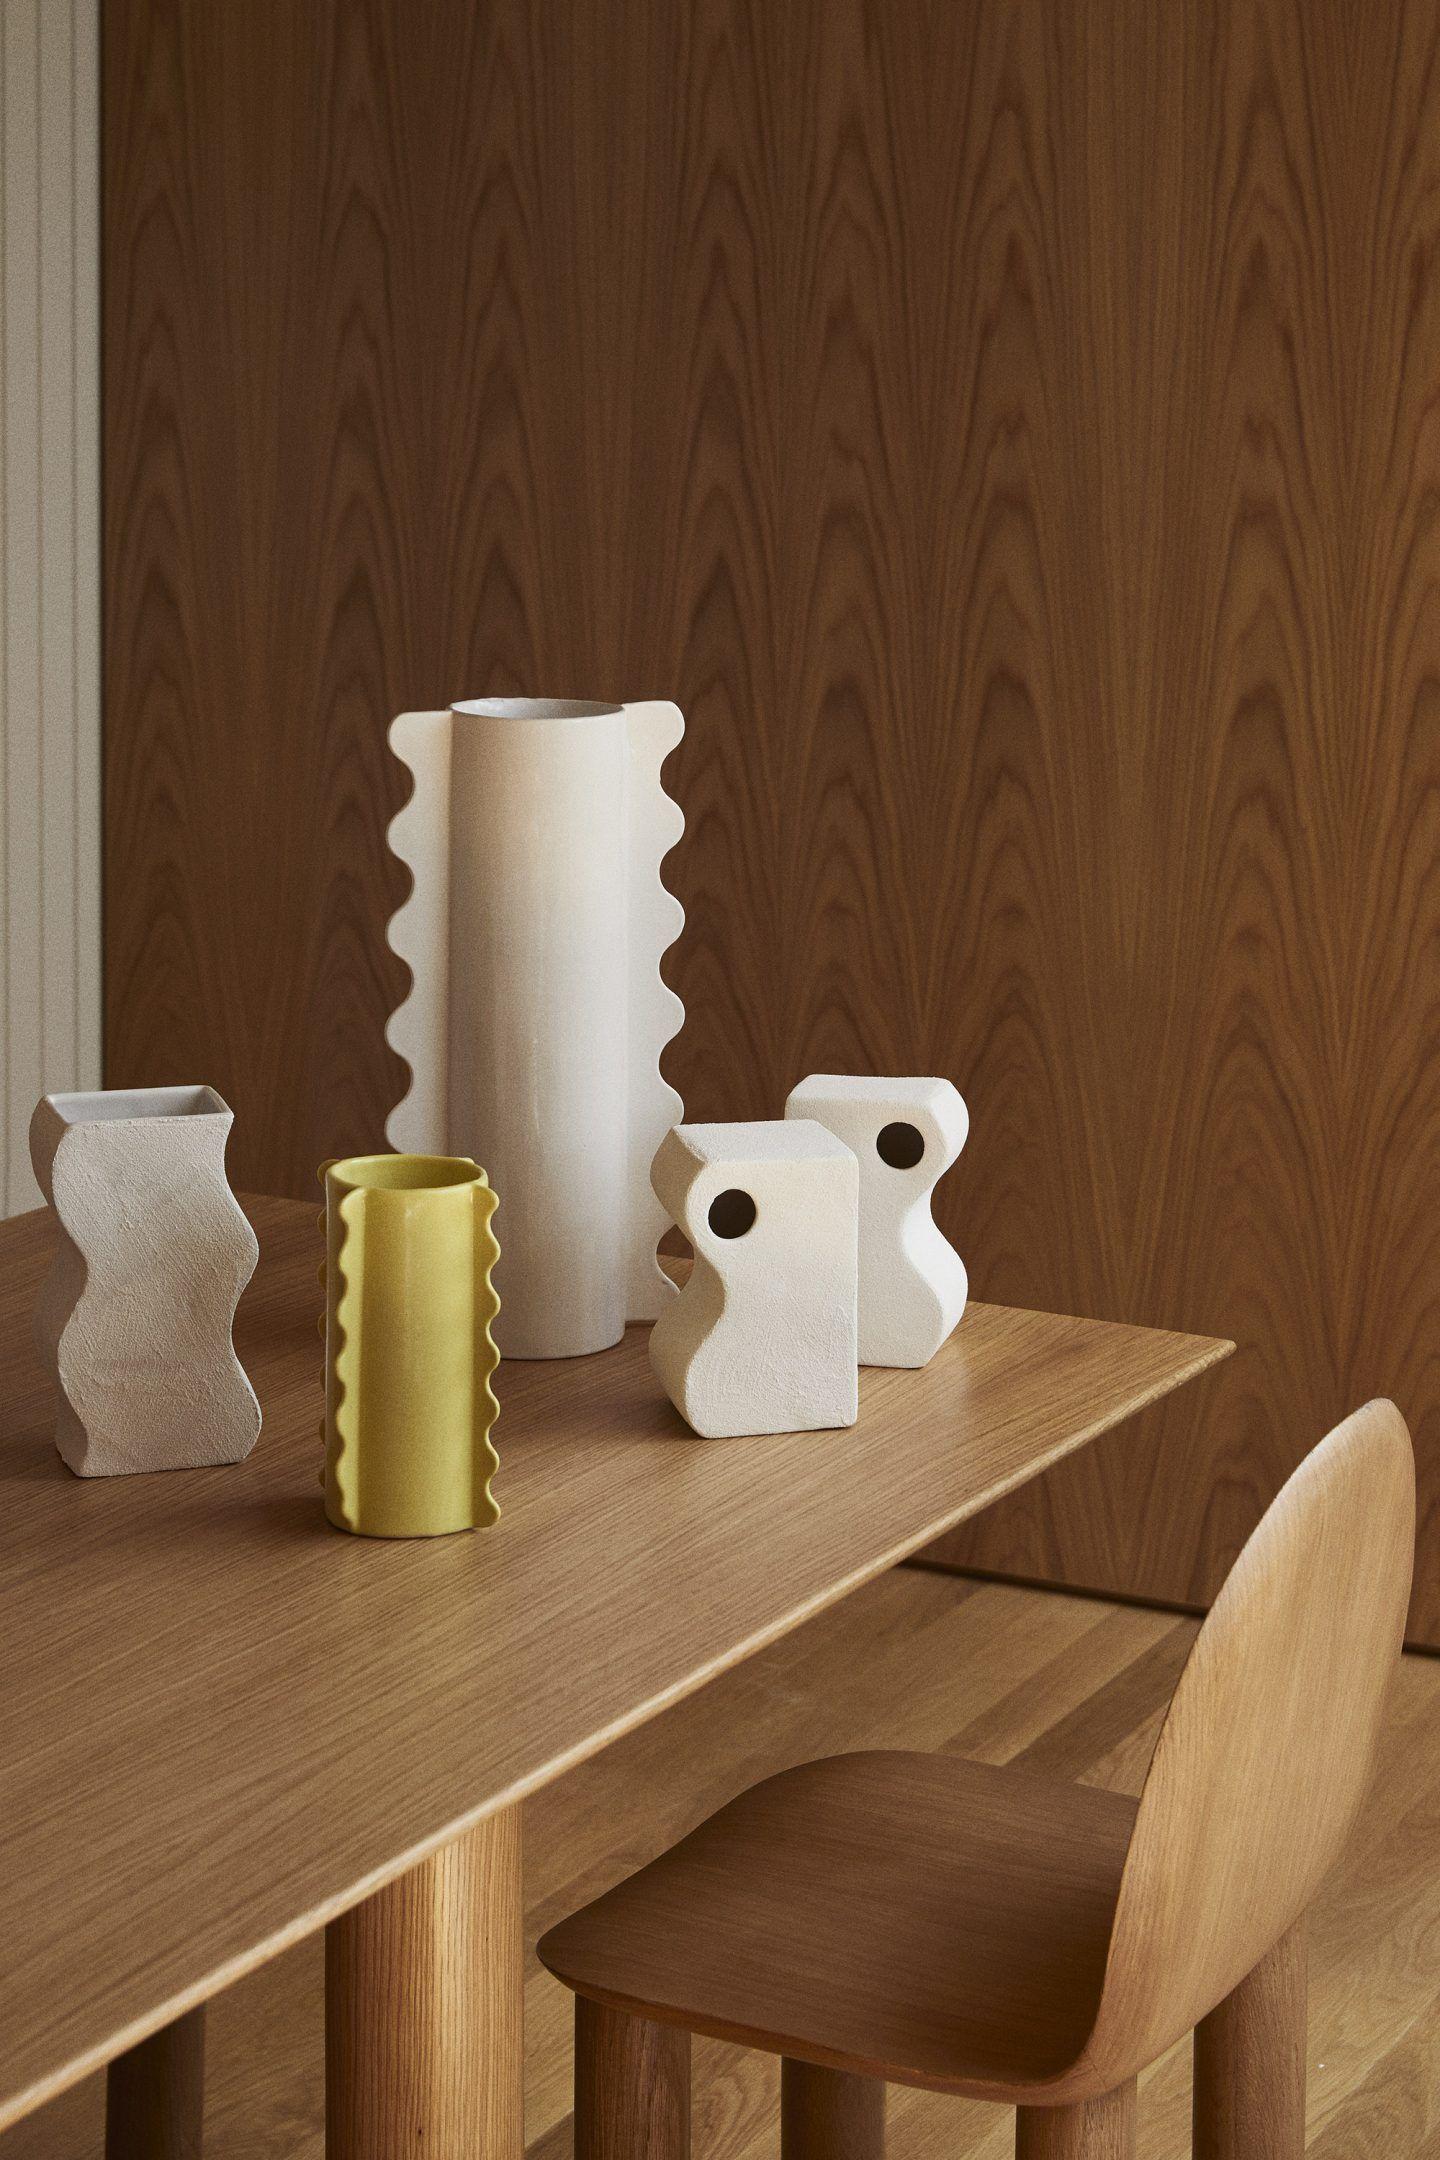 IGNANT-Design-Sarah-Ellison-Sol-018